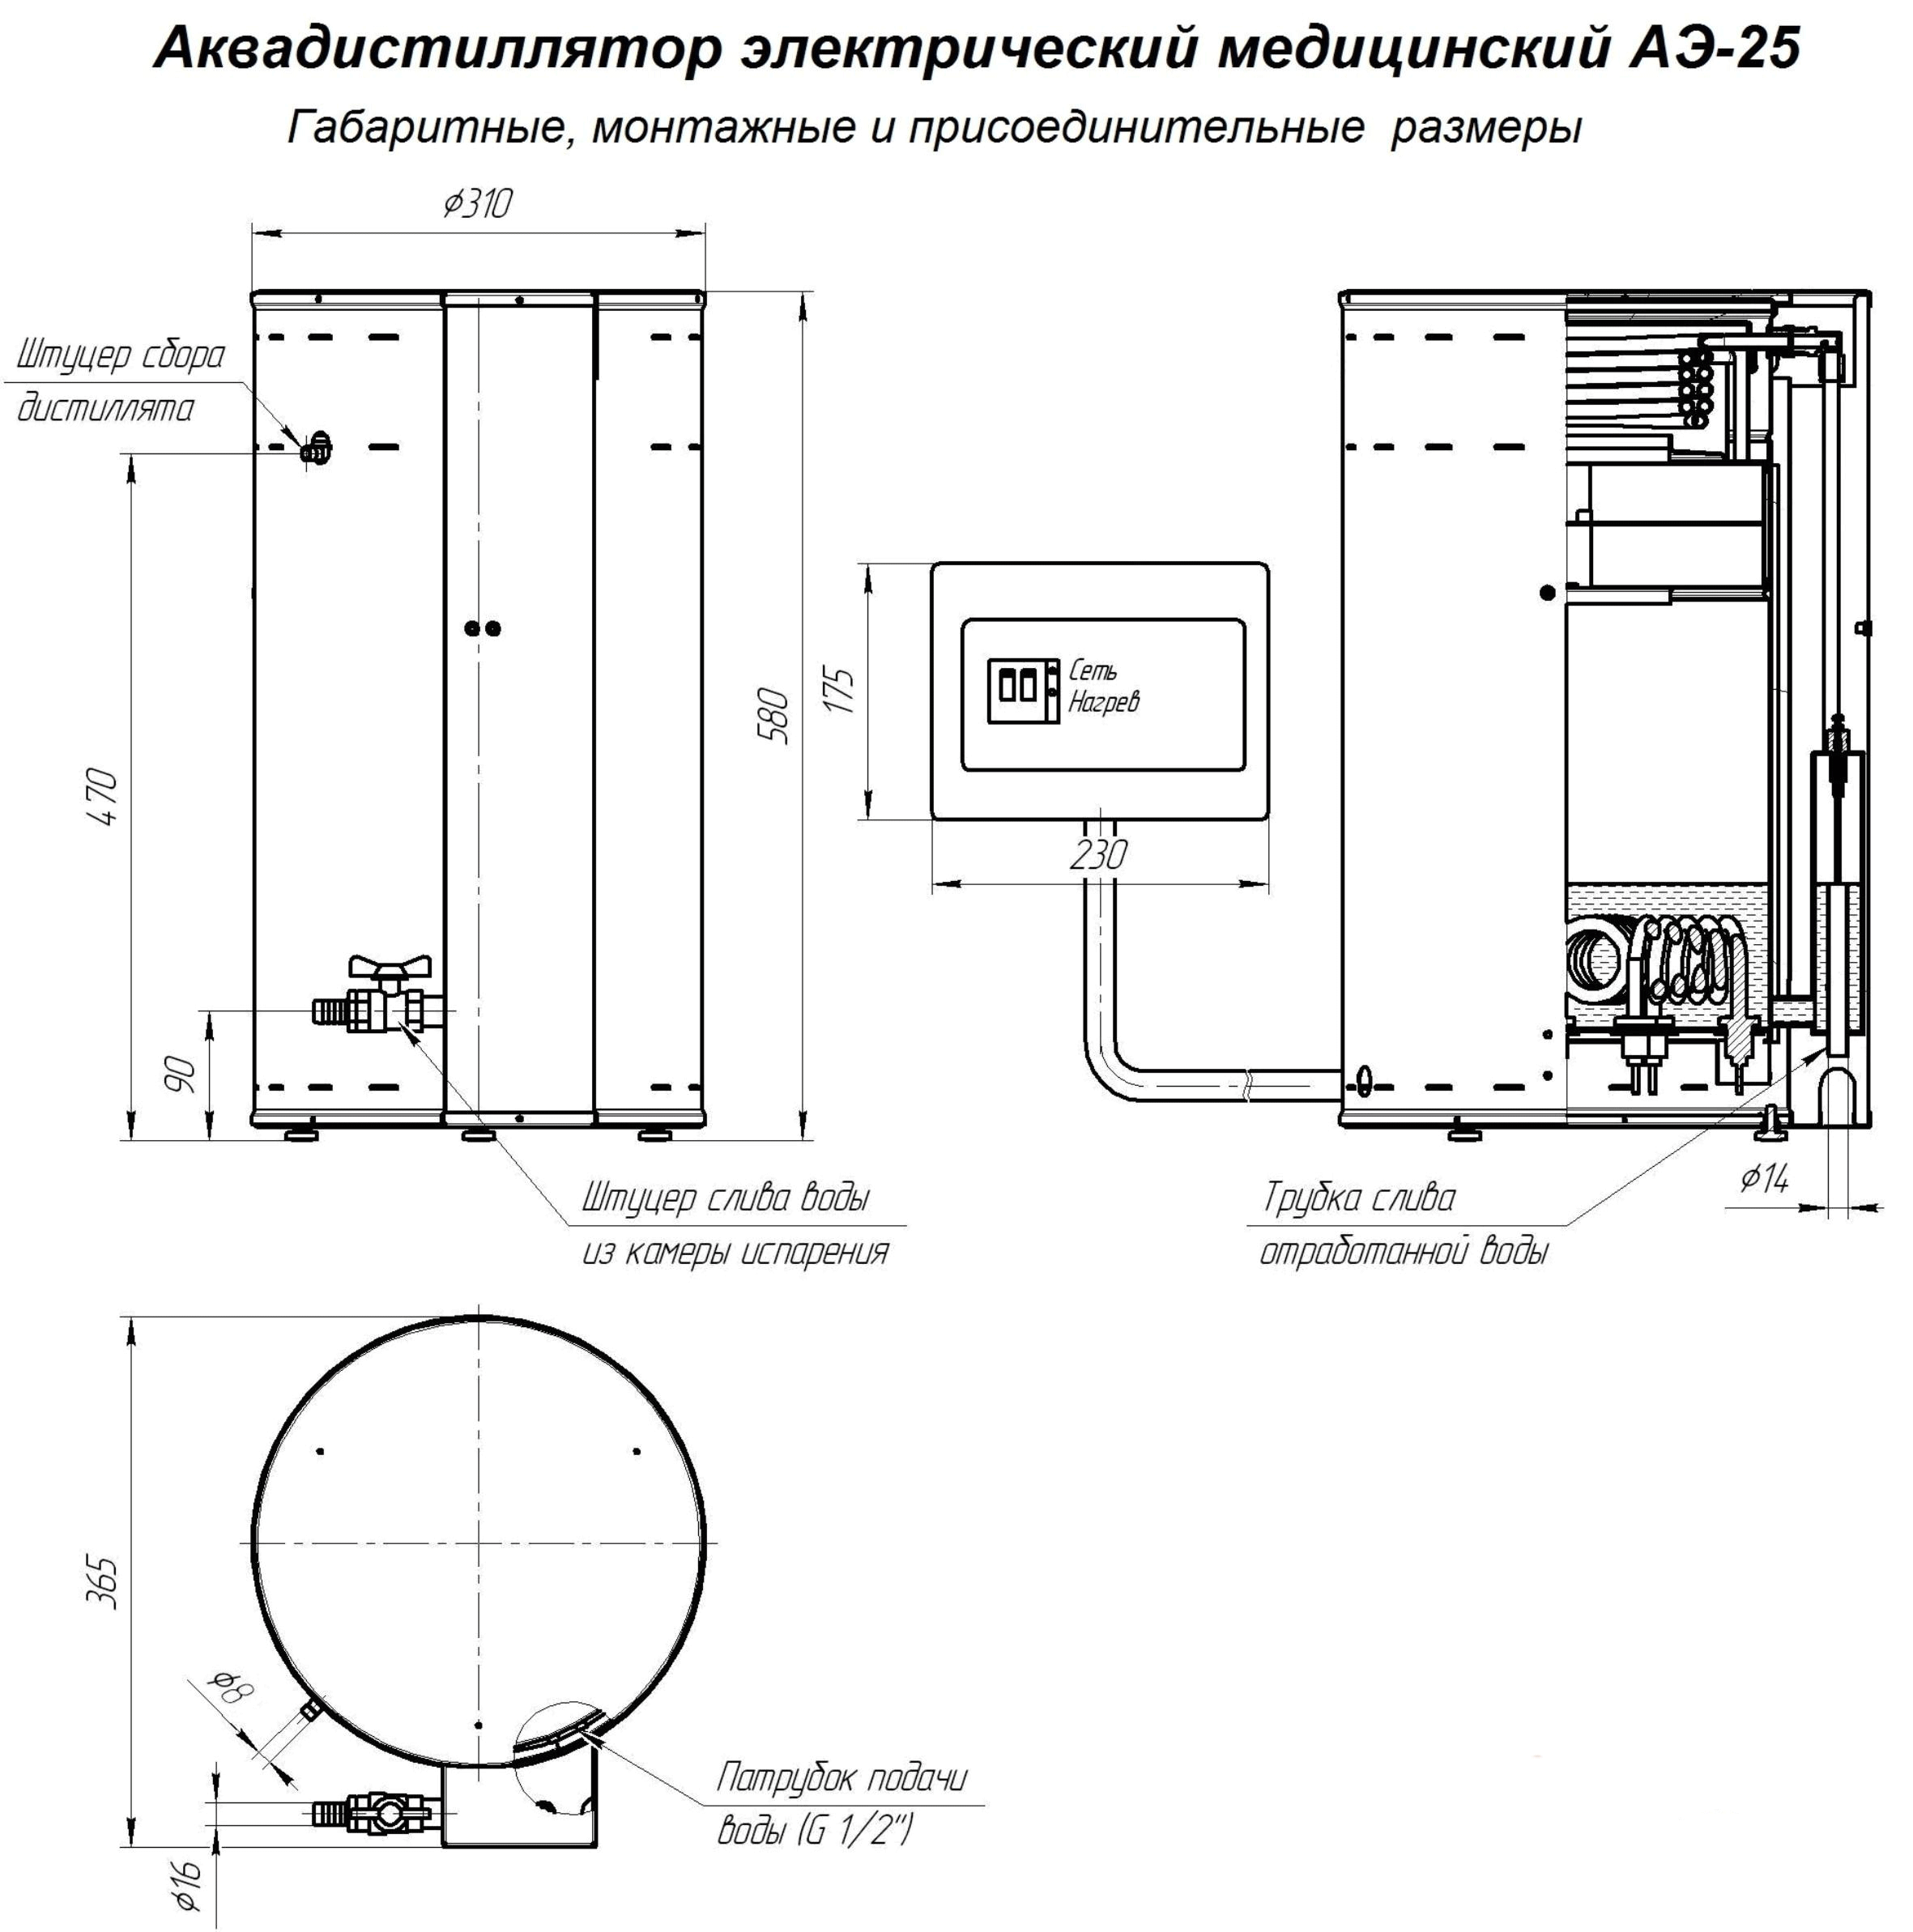 аквадистилляторы